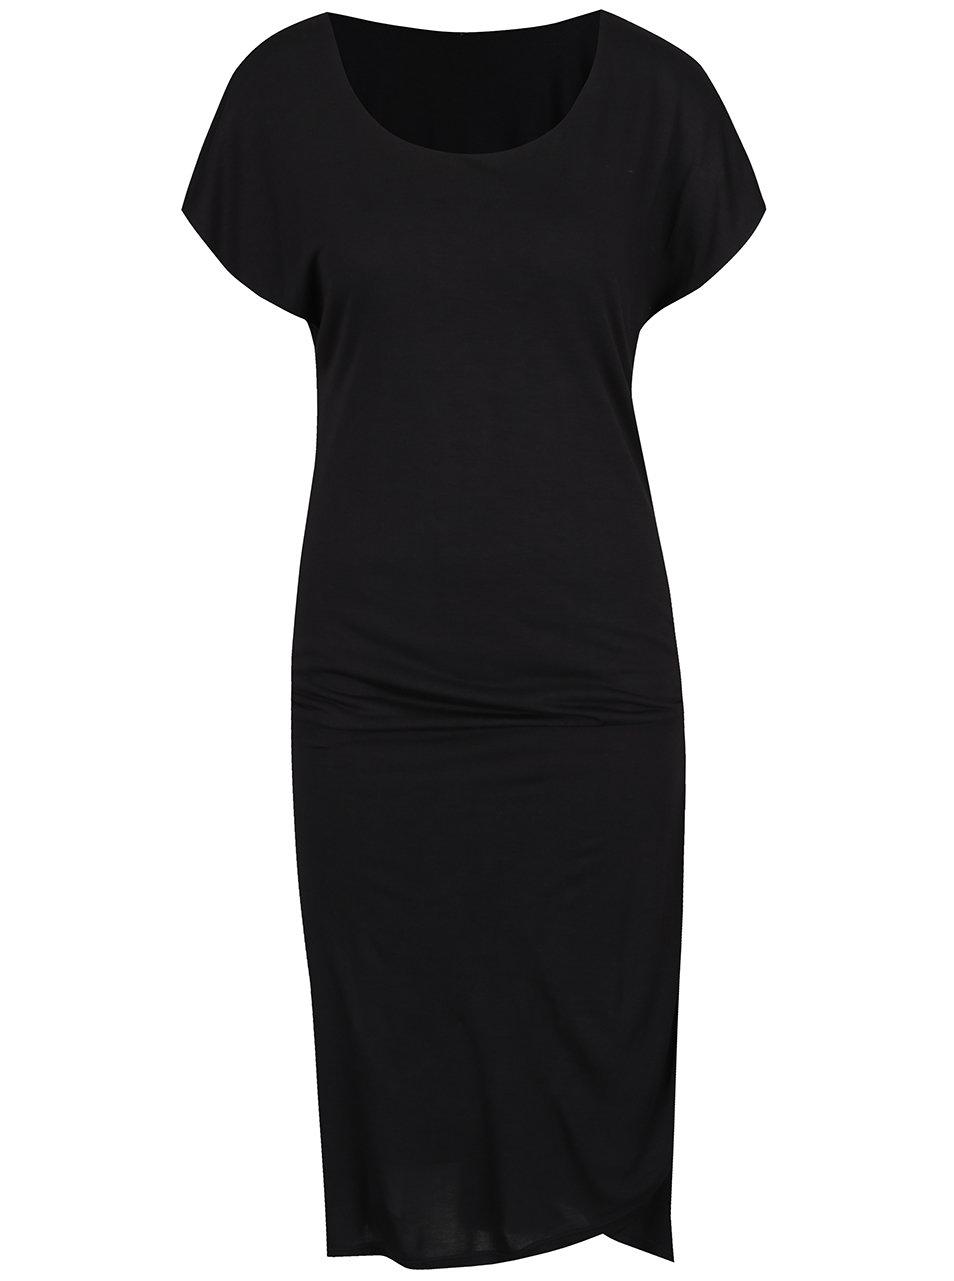 da4ef5856f98 Černé teplákové šaty a jemným rozparkem ONLY Melanie ...